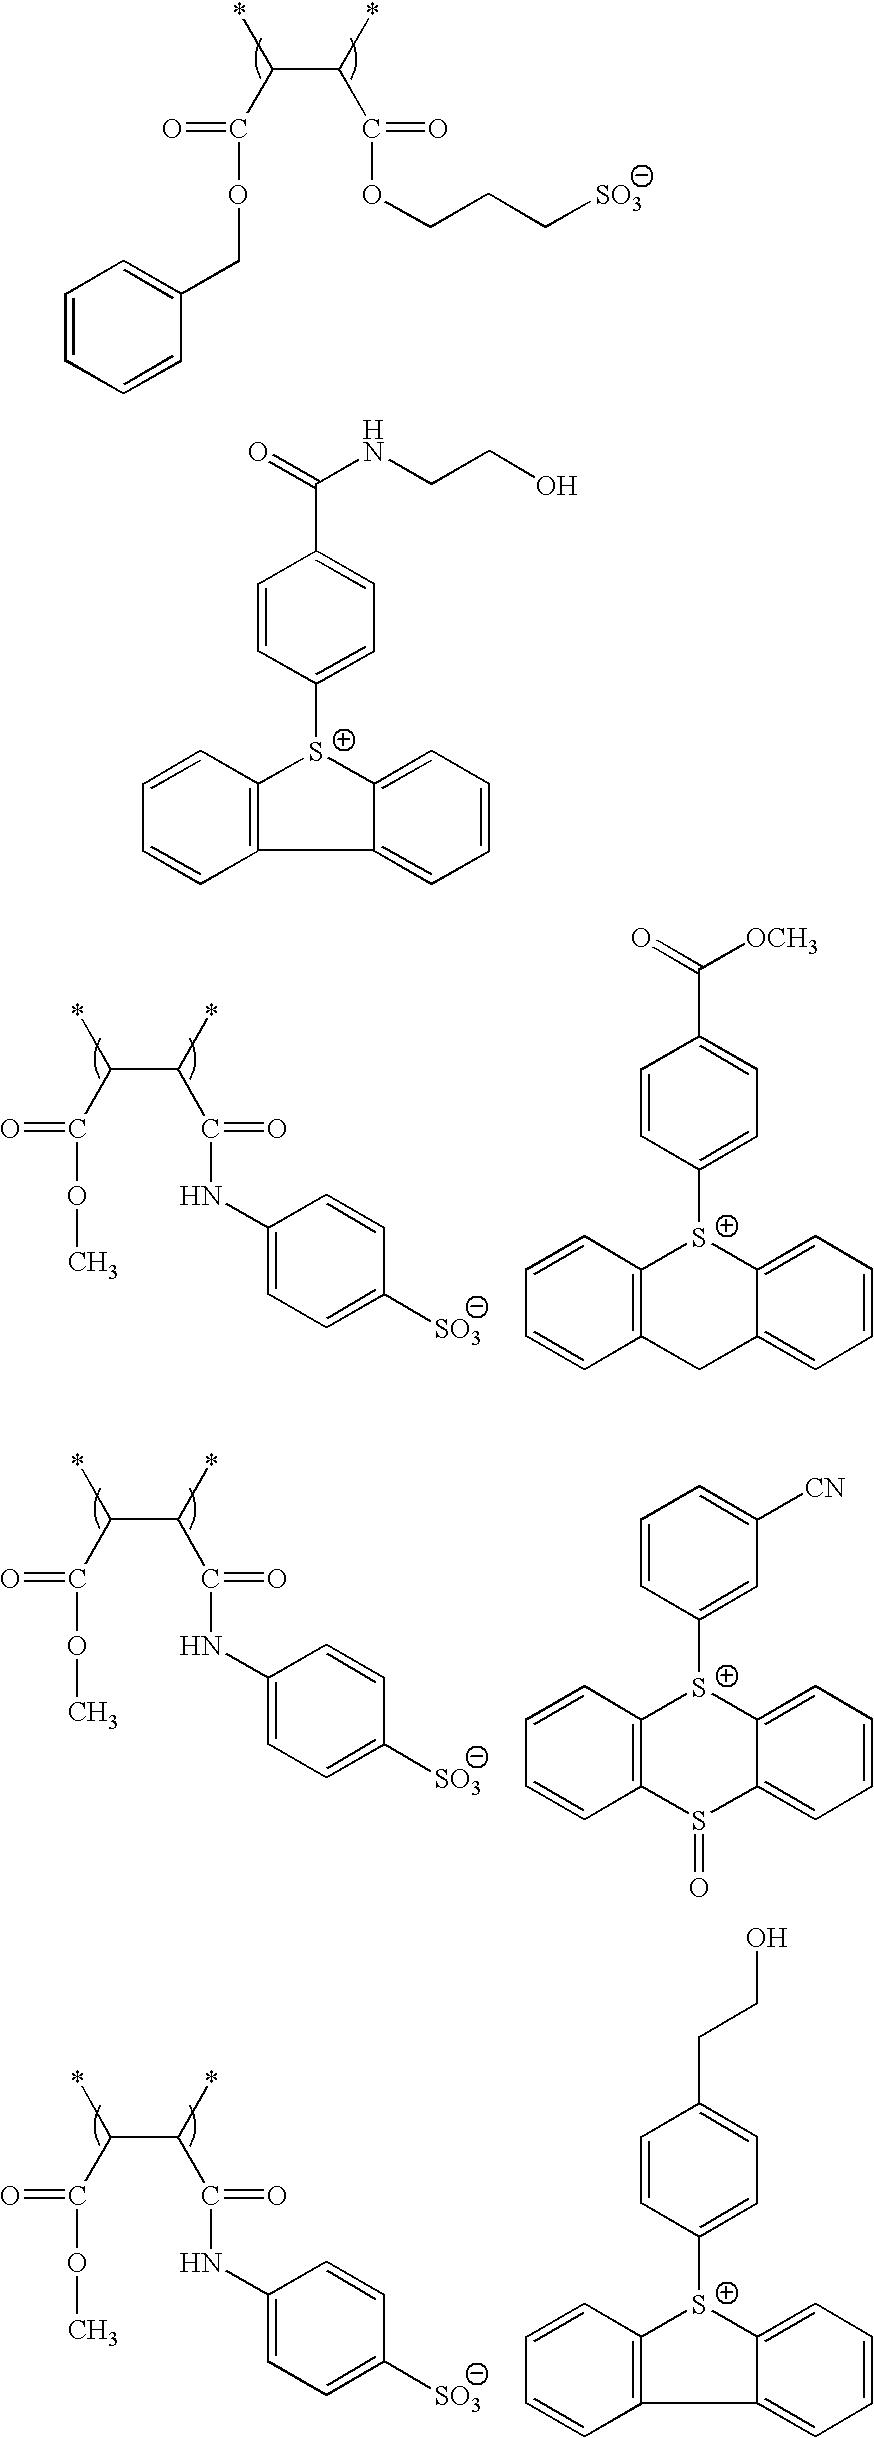 Figure US08852845-20141007-C00080